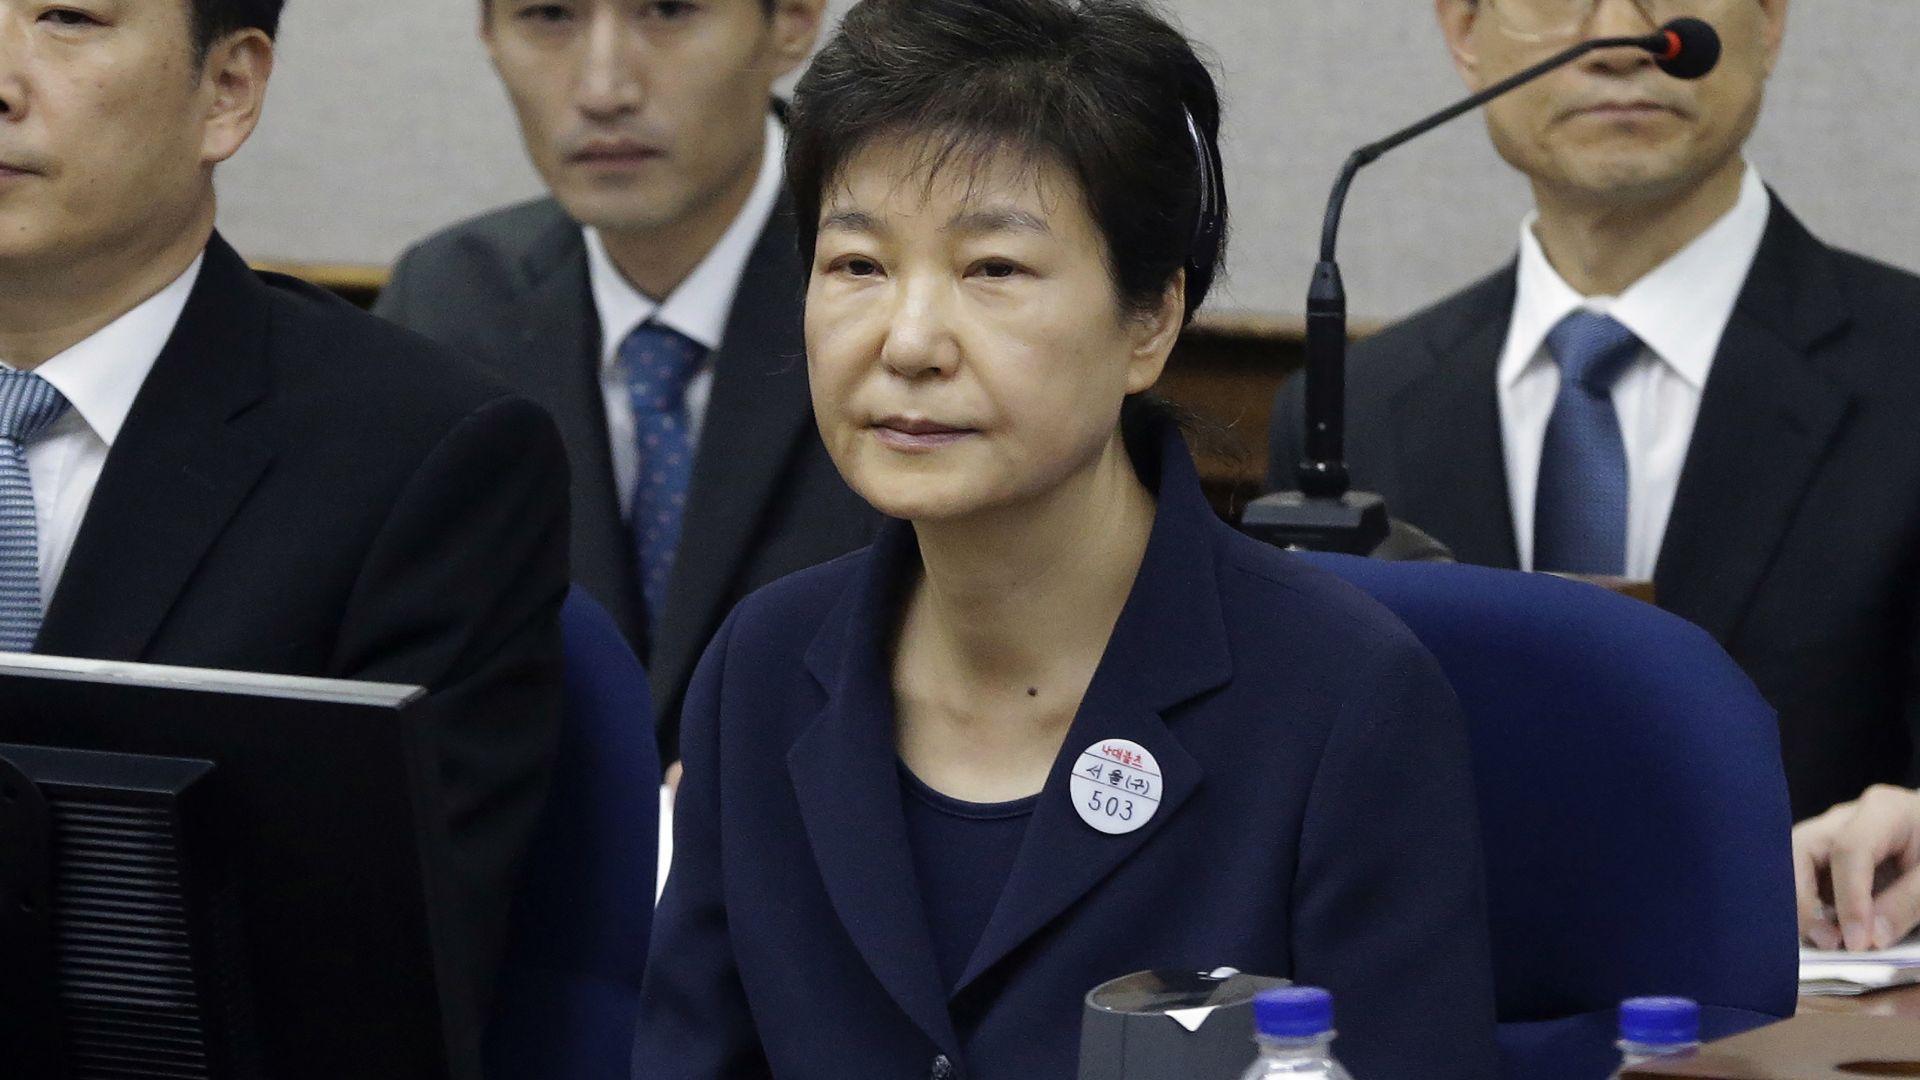 Върховният съд потвърди: 20 г. затвор за бившата президентка на Южна Корея Пак Гън-хе